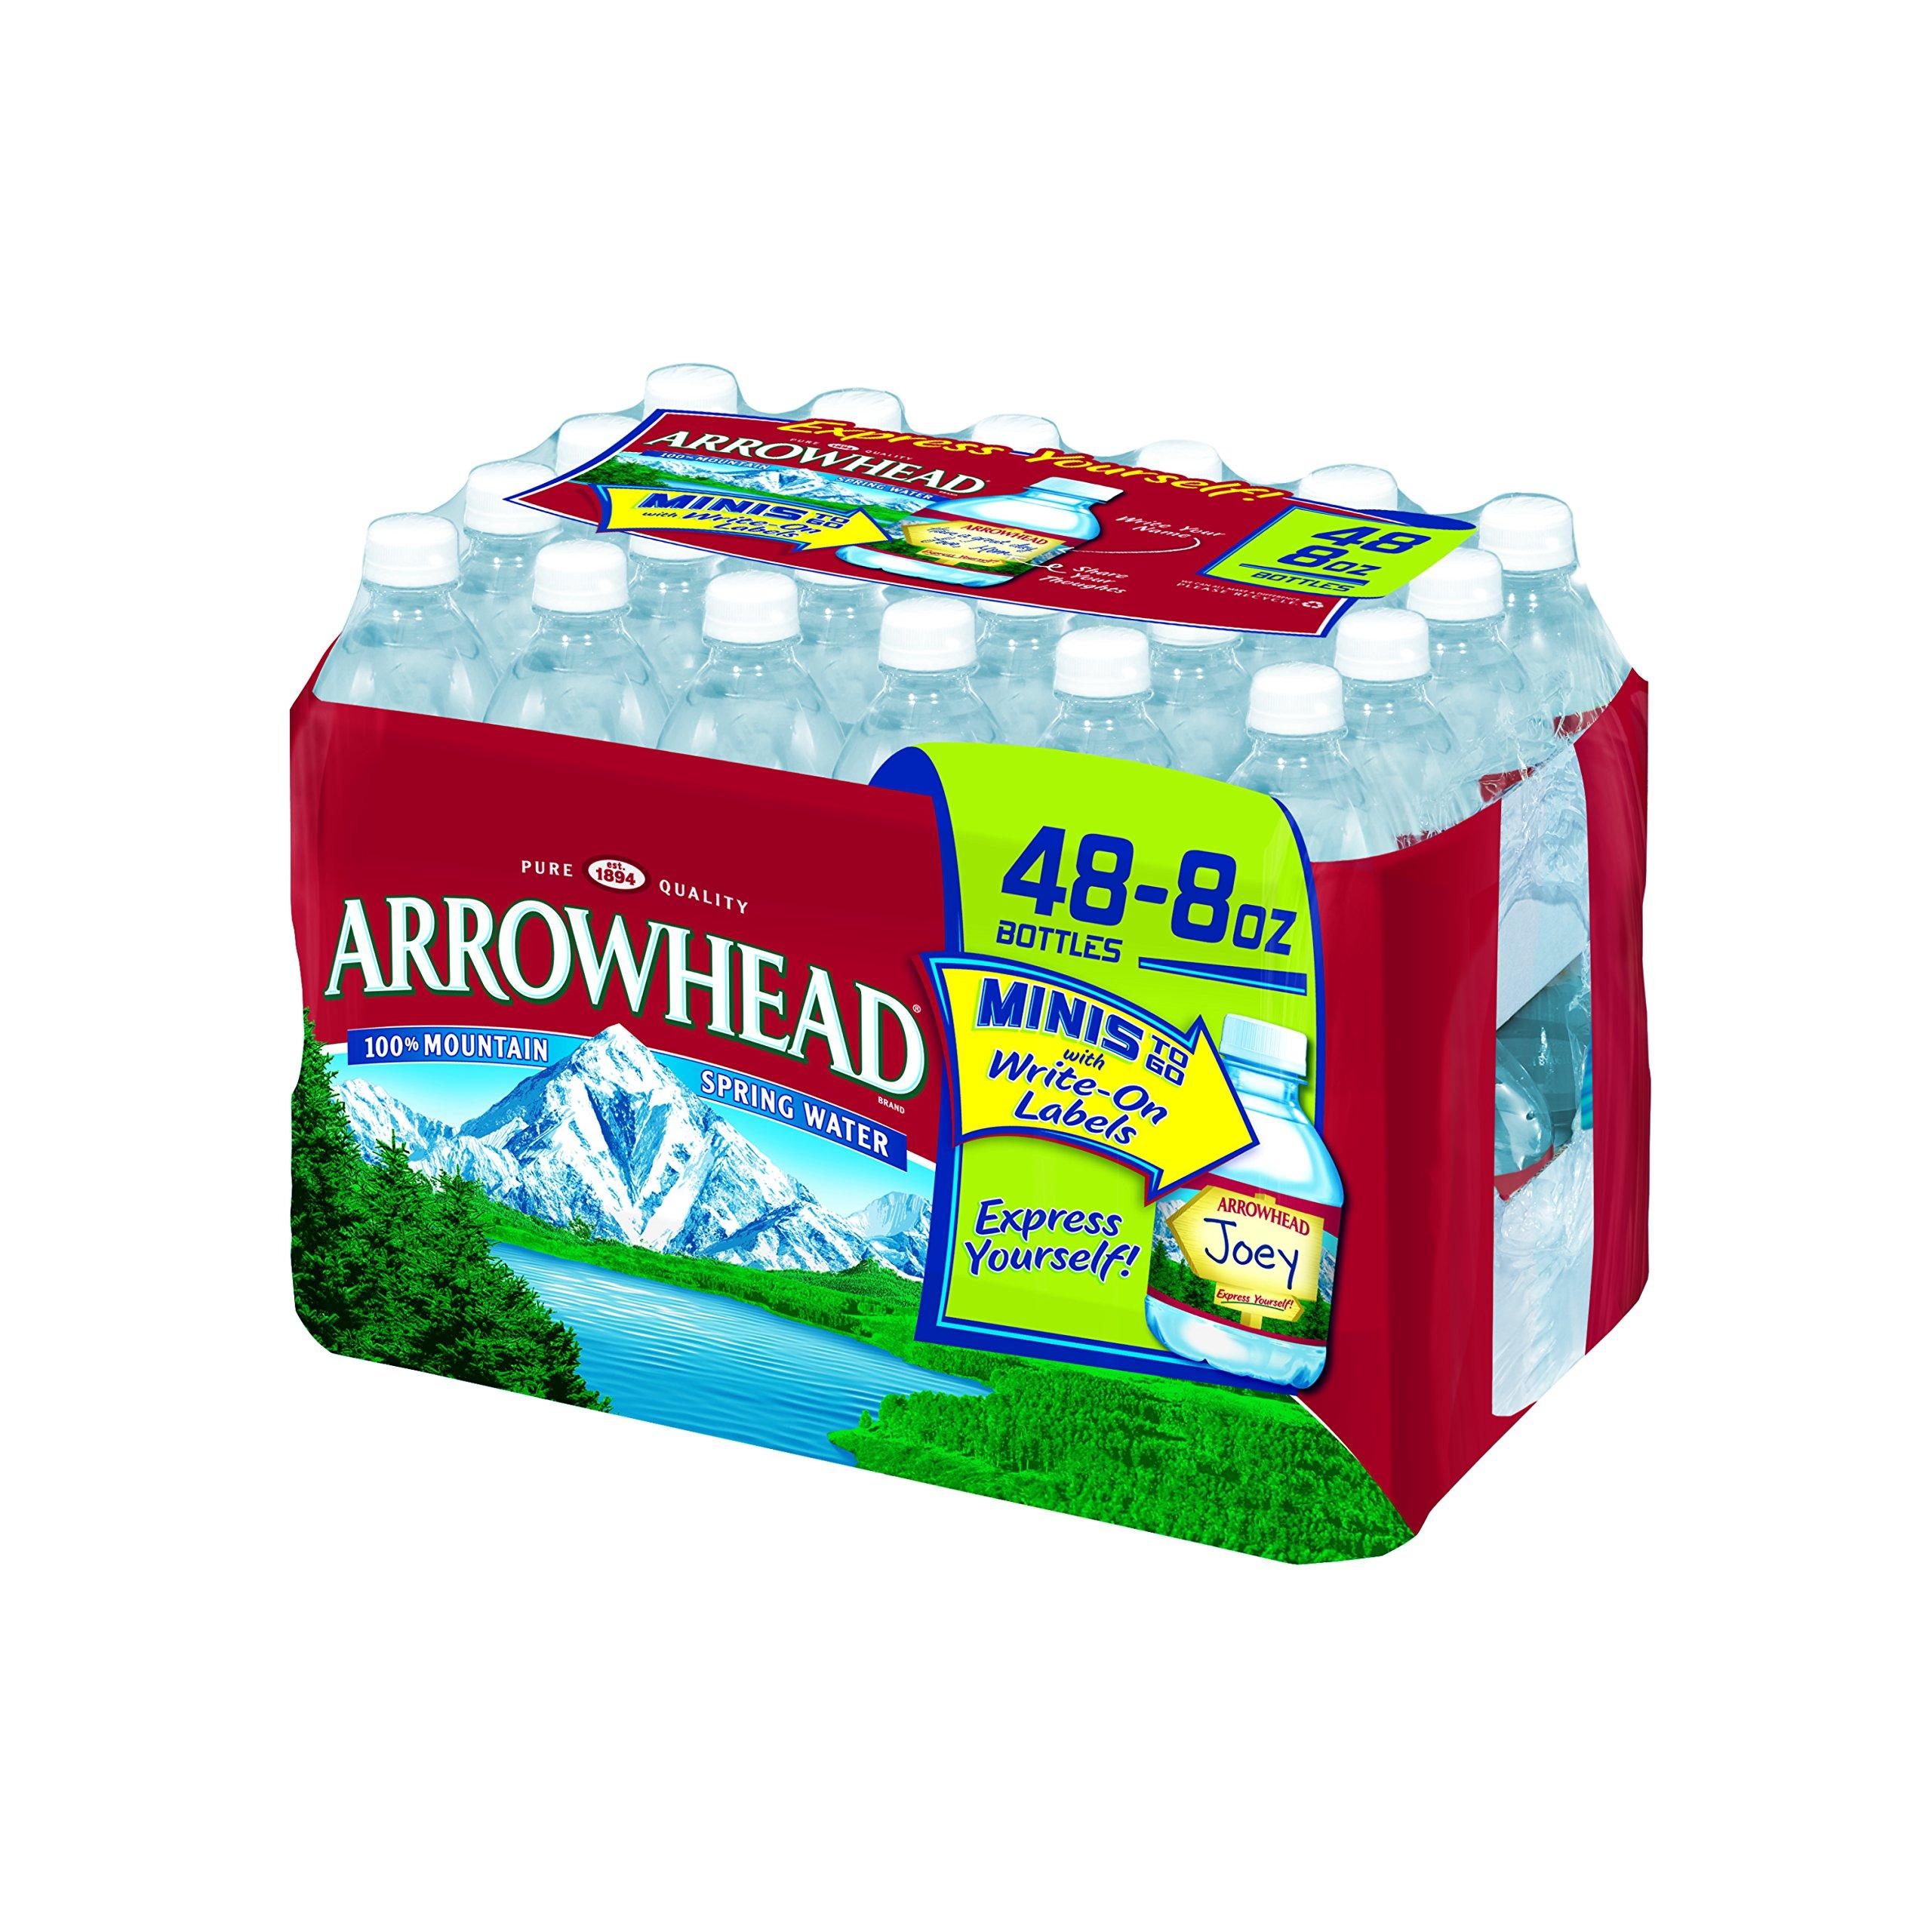 Arrowhead Mountain Spring Water, 8 Oz (Carton of 48)